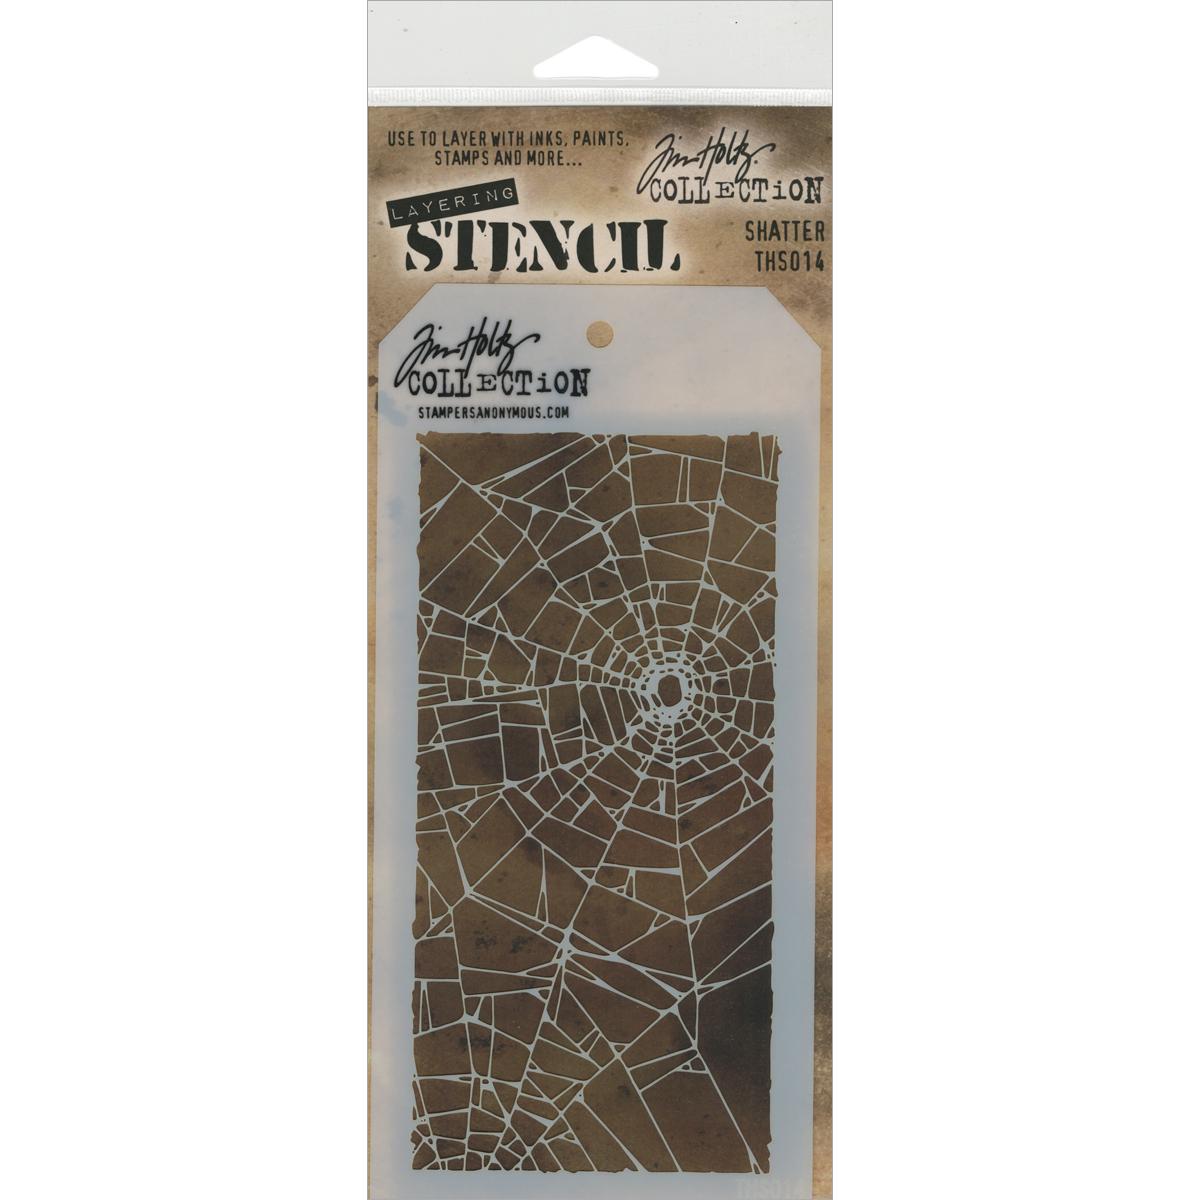 Tim Holtz Layered Stencil 4.125X8.5-Shatter